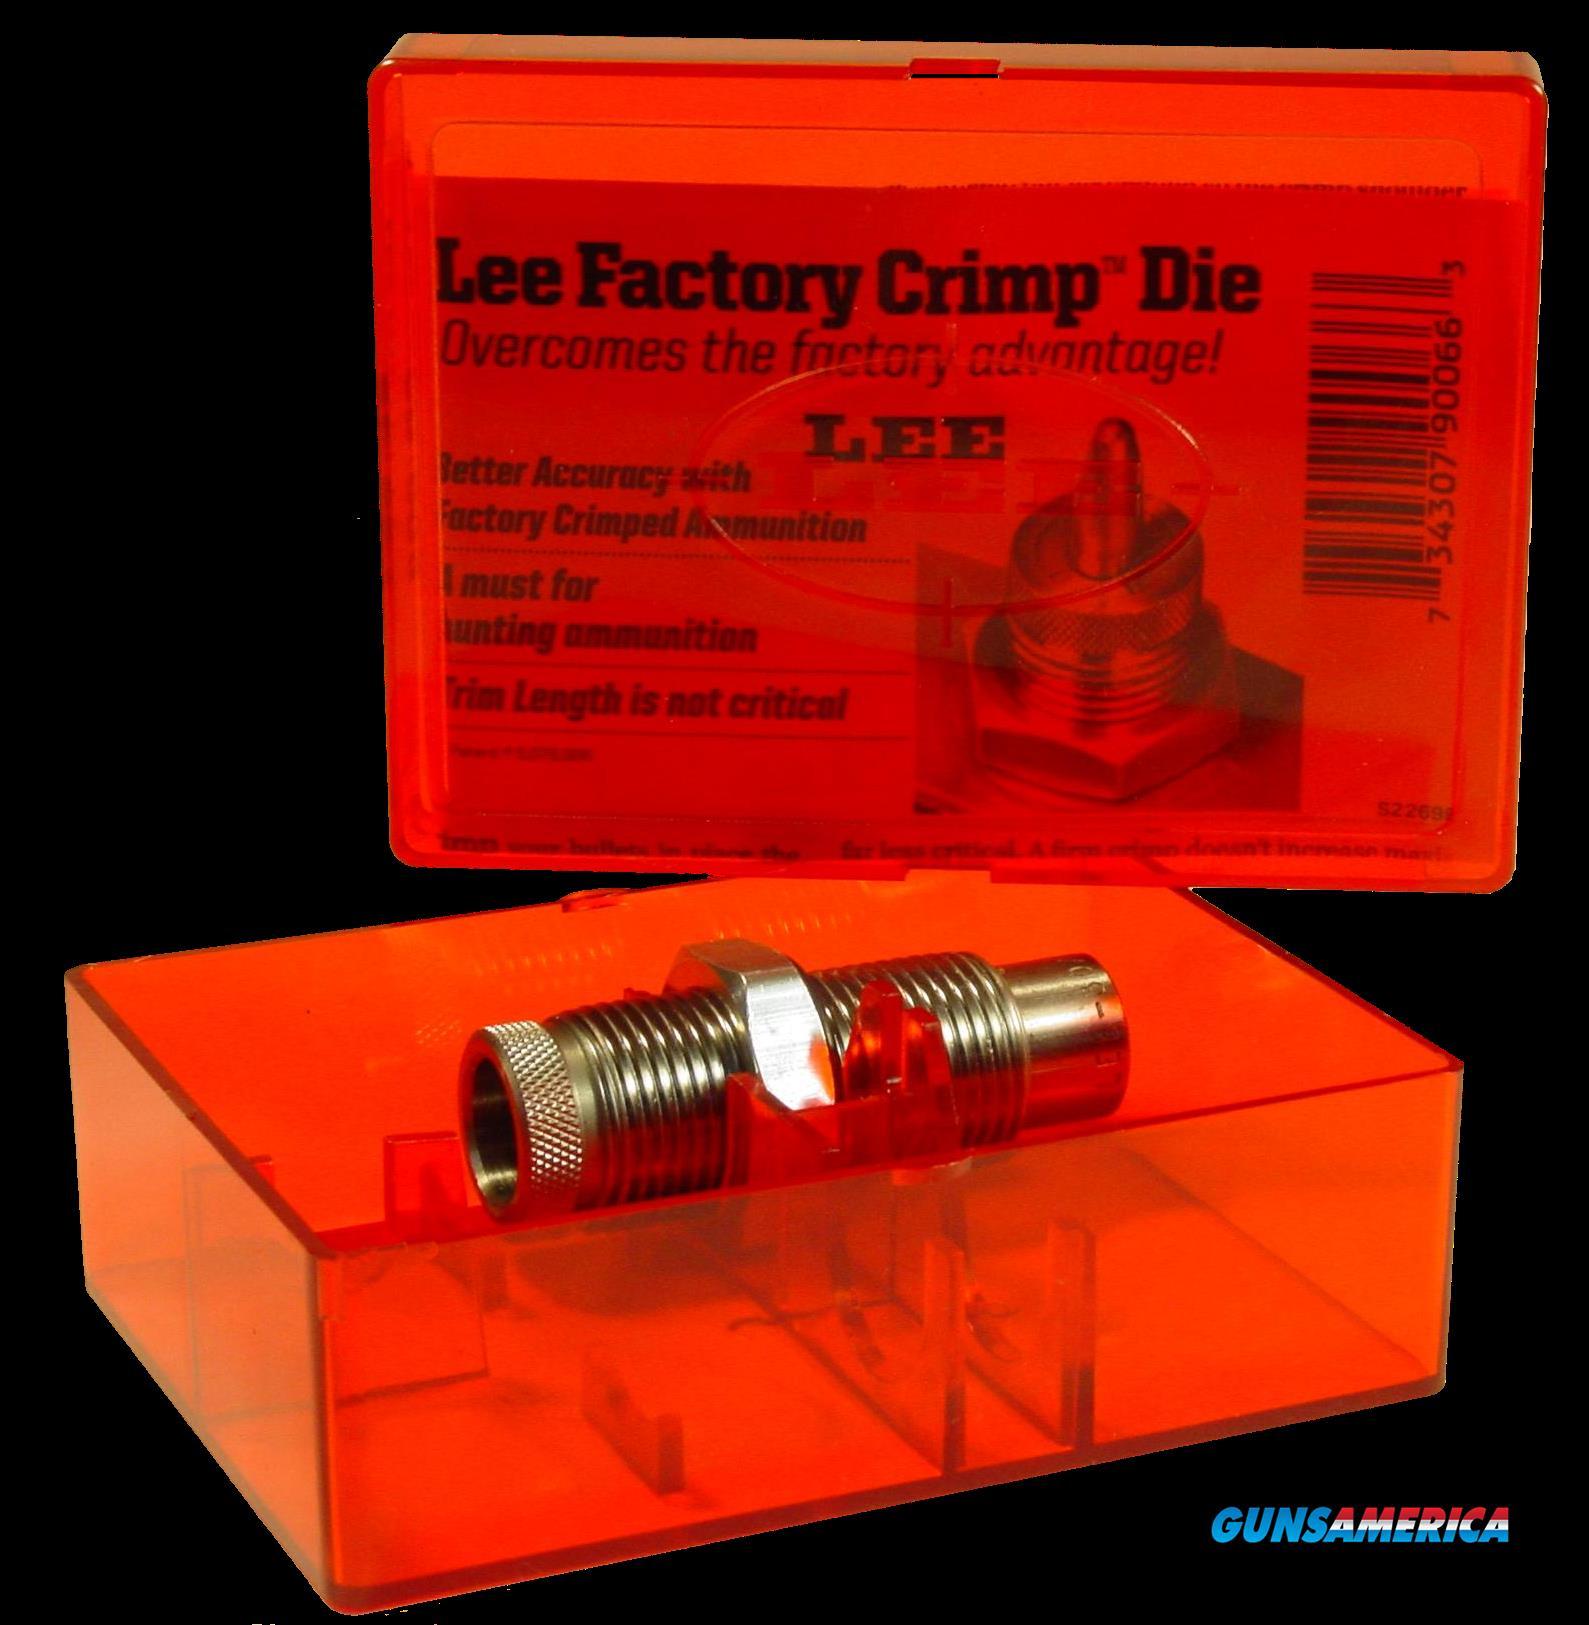 Lee Factory, Lee 90854 Fact Crimp Die 44-40  Win  Guns > Pistols > 1911 Pistol Copies (non-Colt)